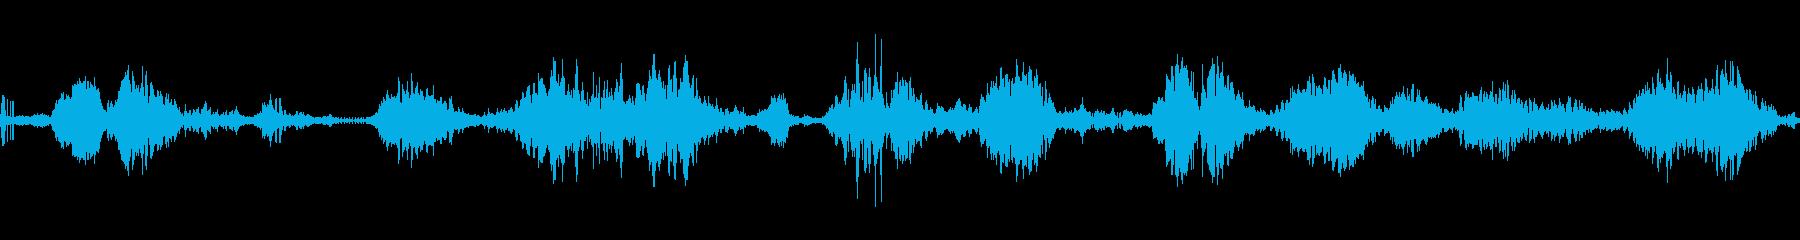 機械マニピュレーター散発的アクショ...の再生済みの波形